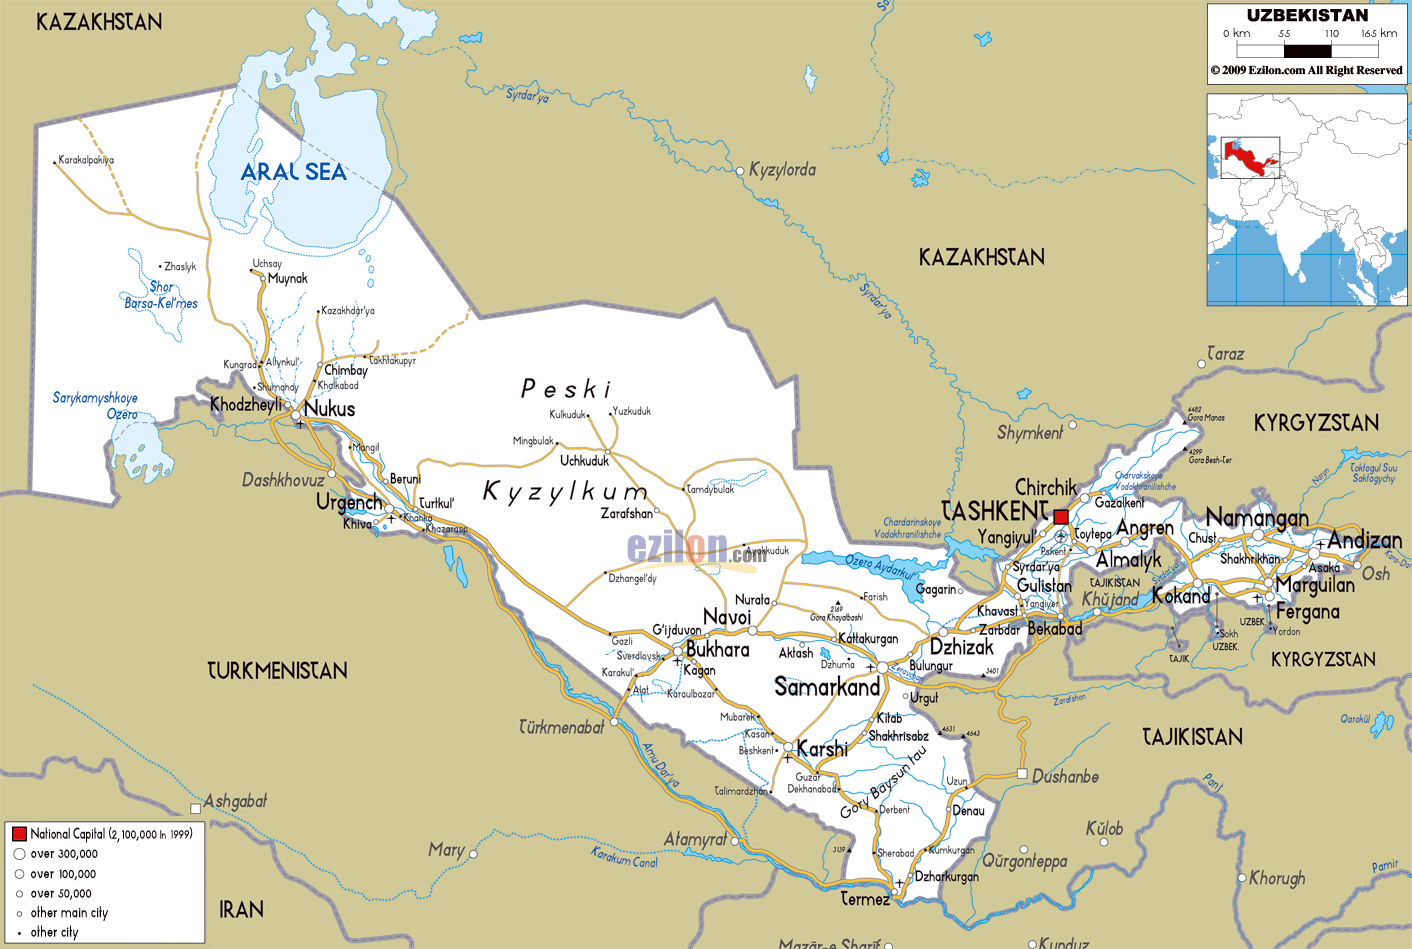 Maps Of Uzbekistan Detailed Map Of Uzbekistan In English - Uzbekistan interactive map